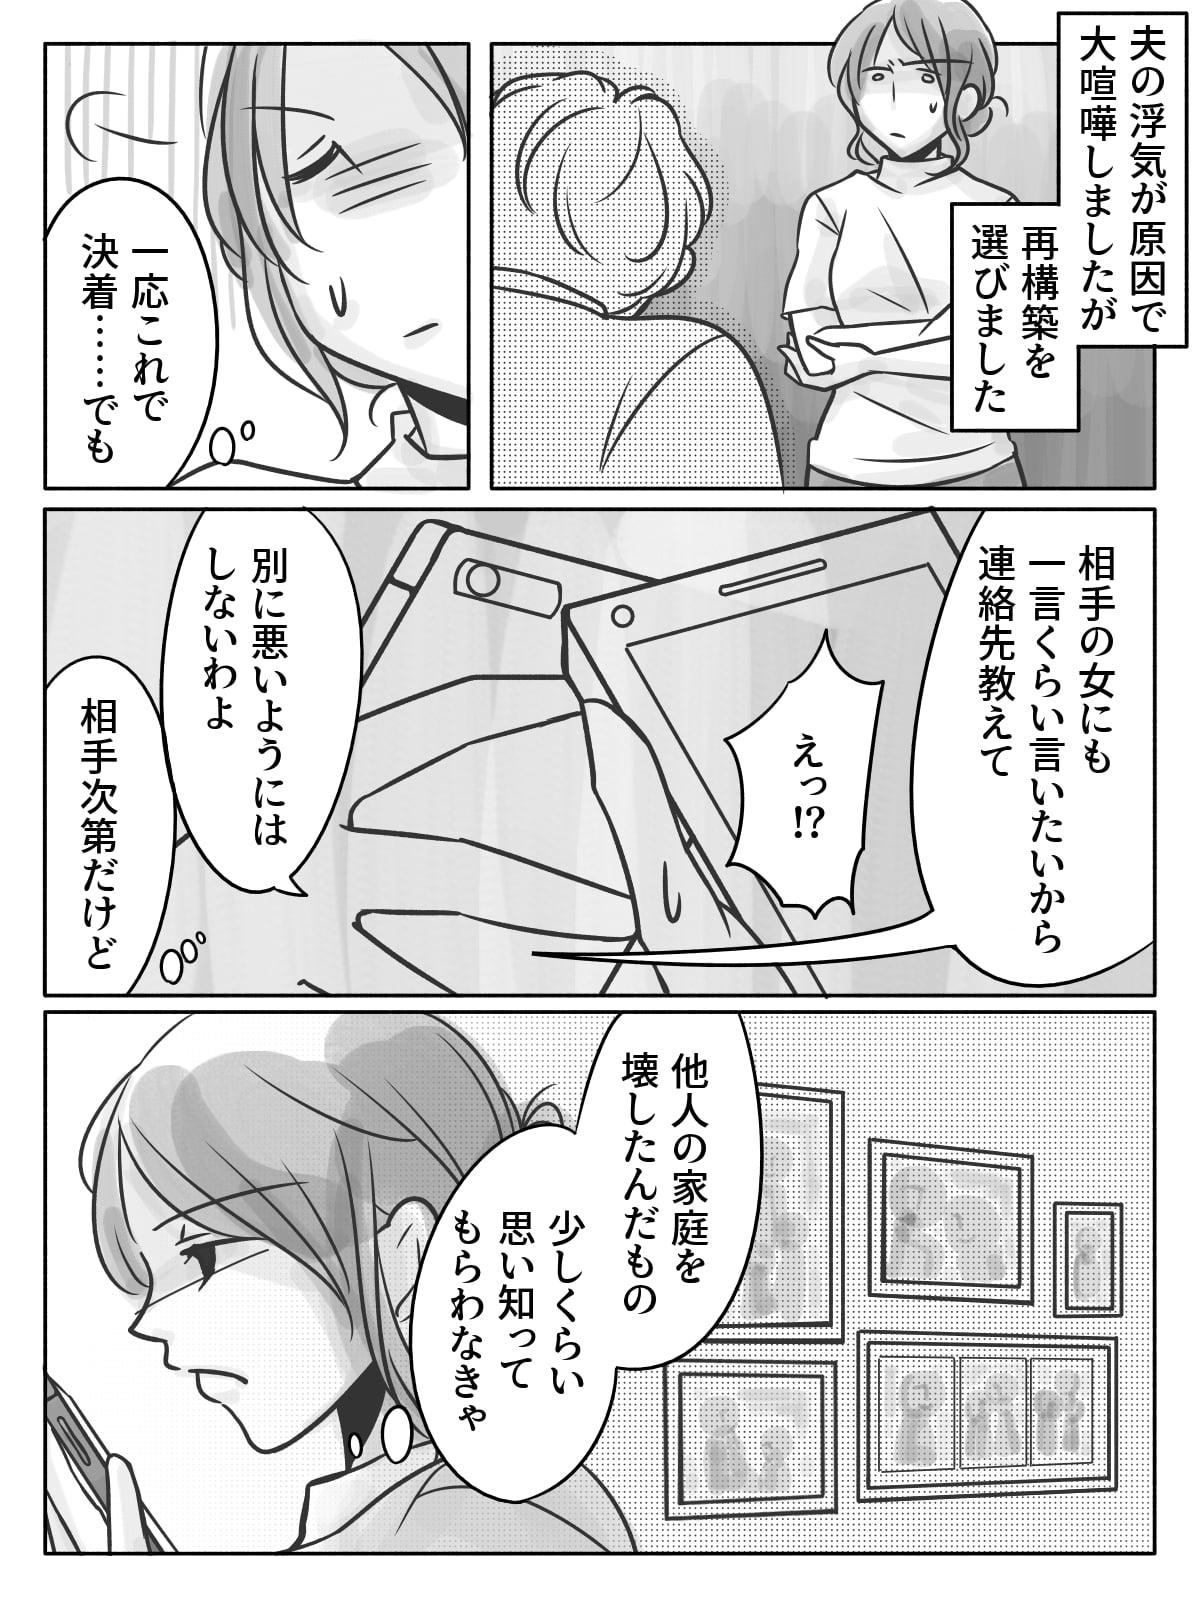 旦那の浮気発覚!01